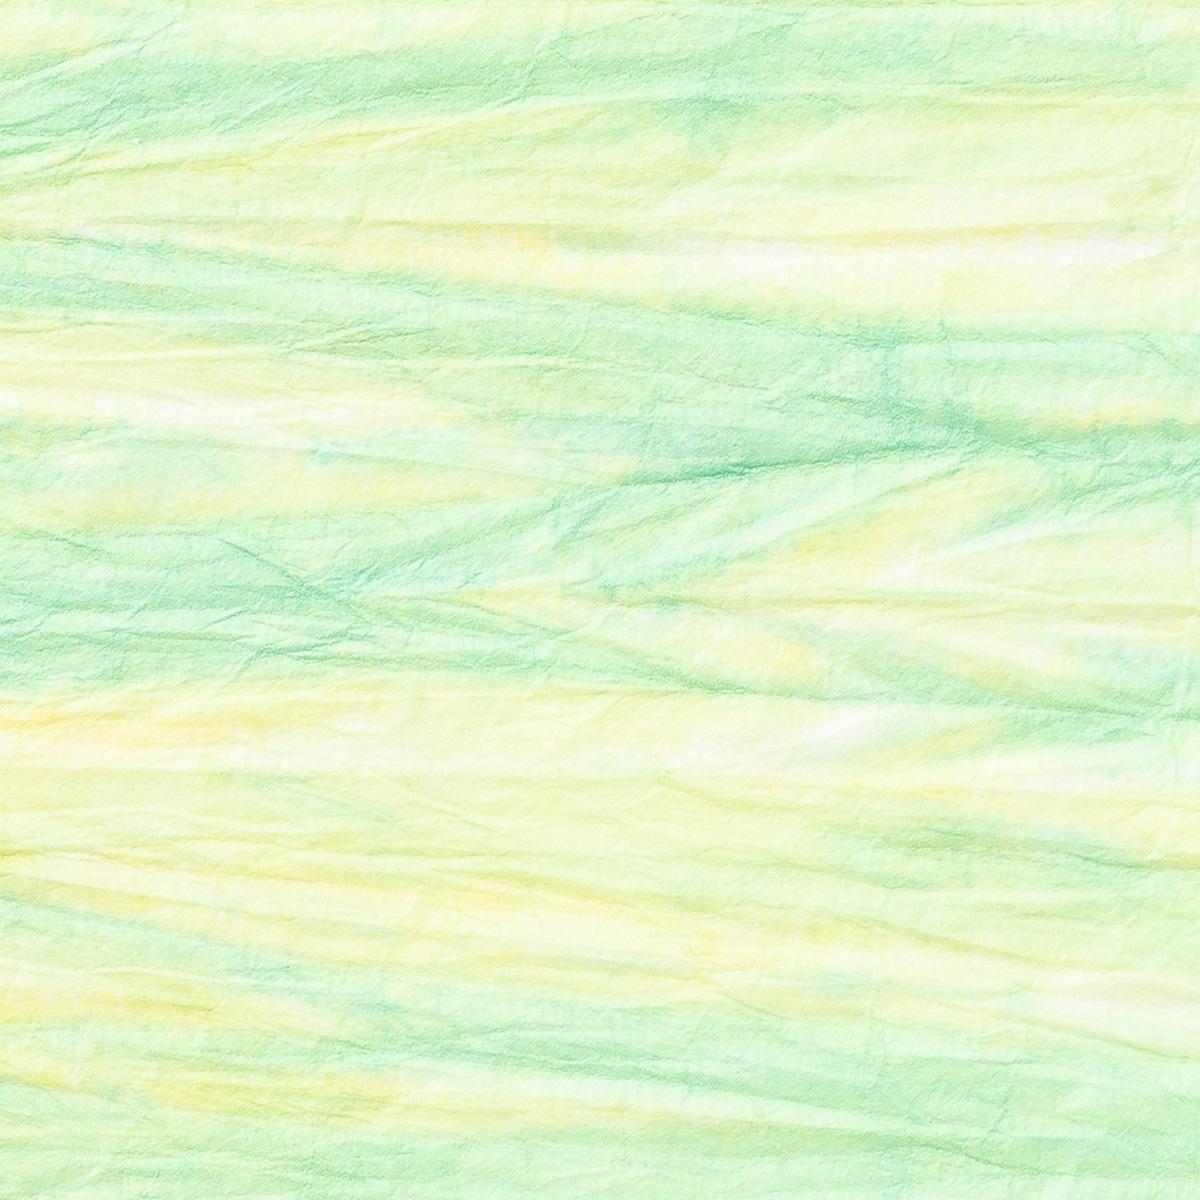 阿波 柳しぼり紙 Y15